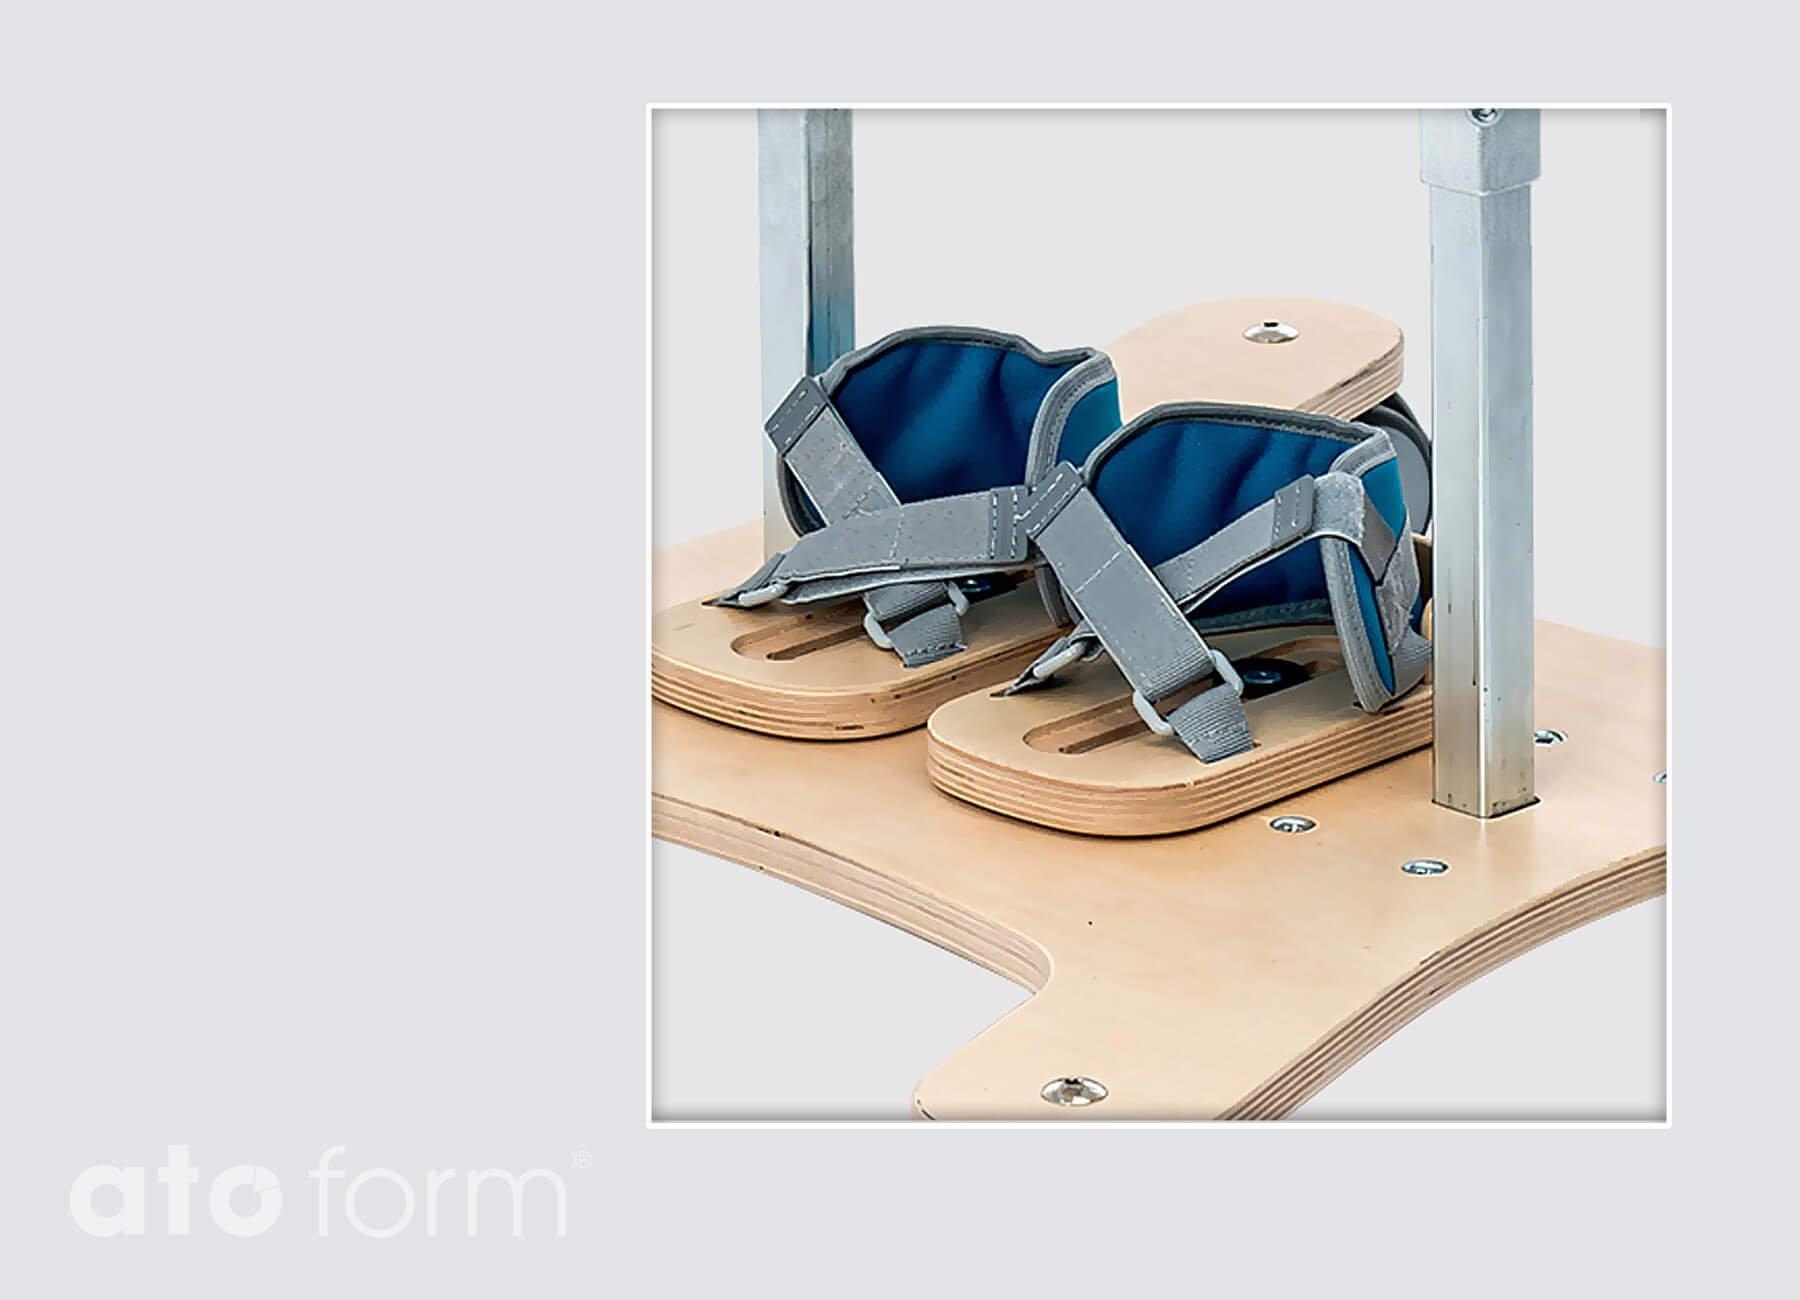 Niedlich Stehrahmen Verwendet Bilder - Benutzerdefinierte ...